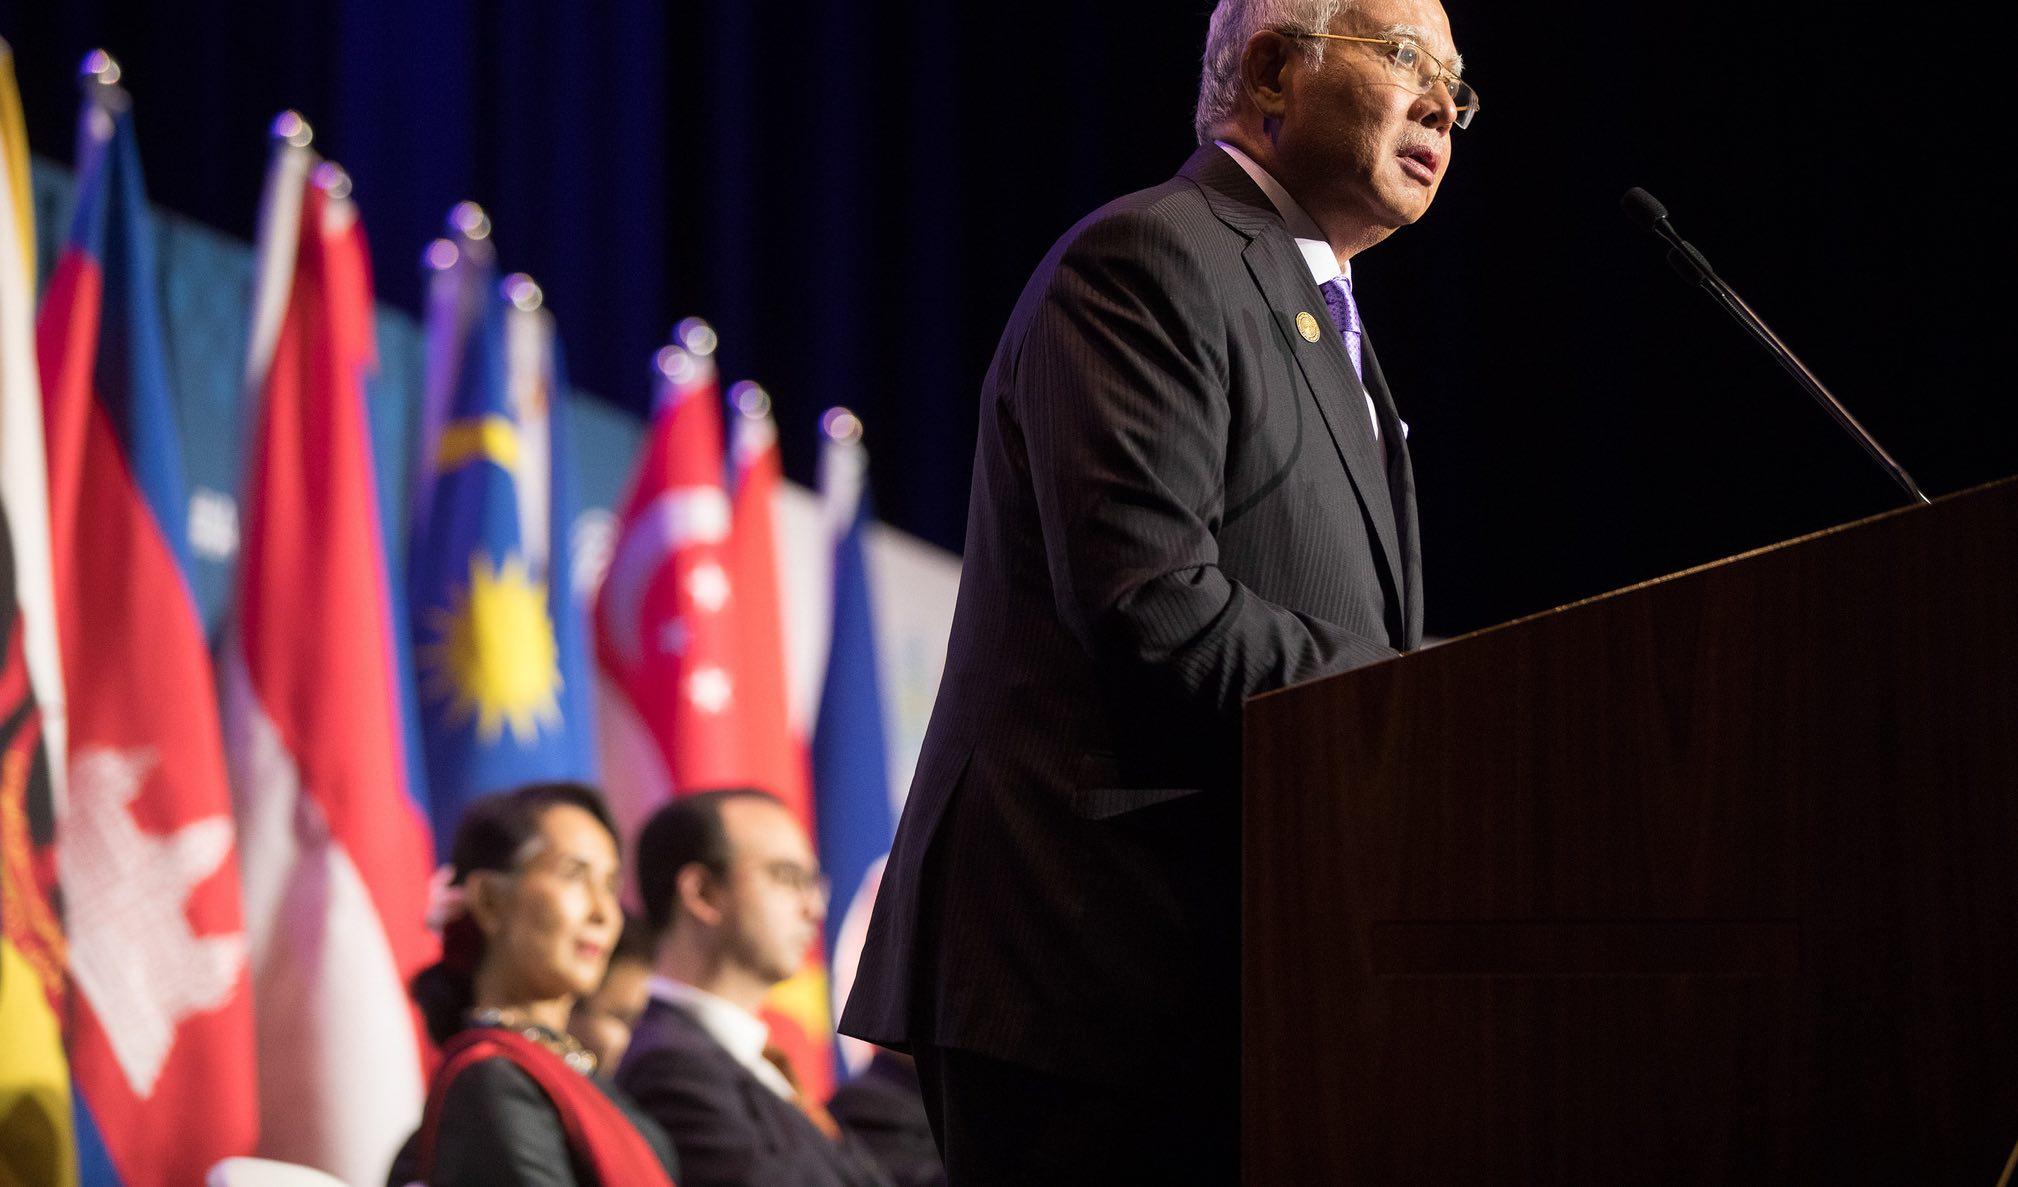 Malaysia's Prime Minister Najib Razak (Photo: ASEAN-Australia Special Summit 2018/Flickr)